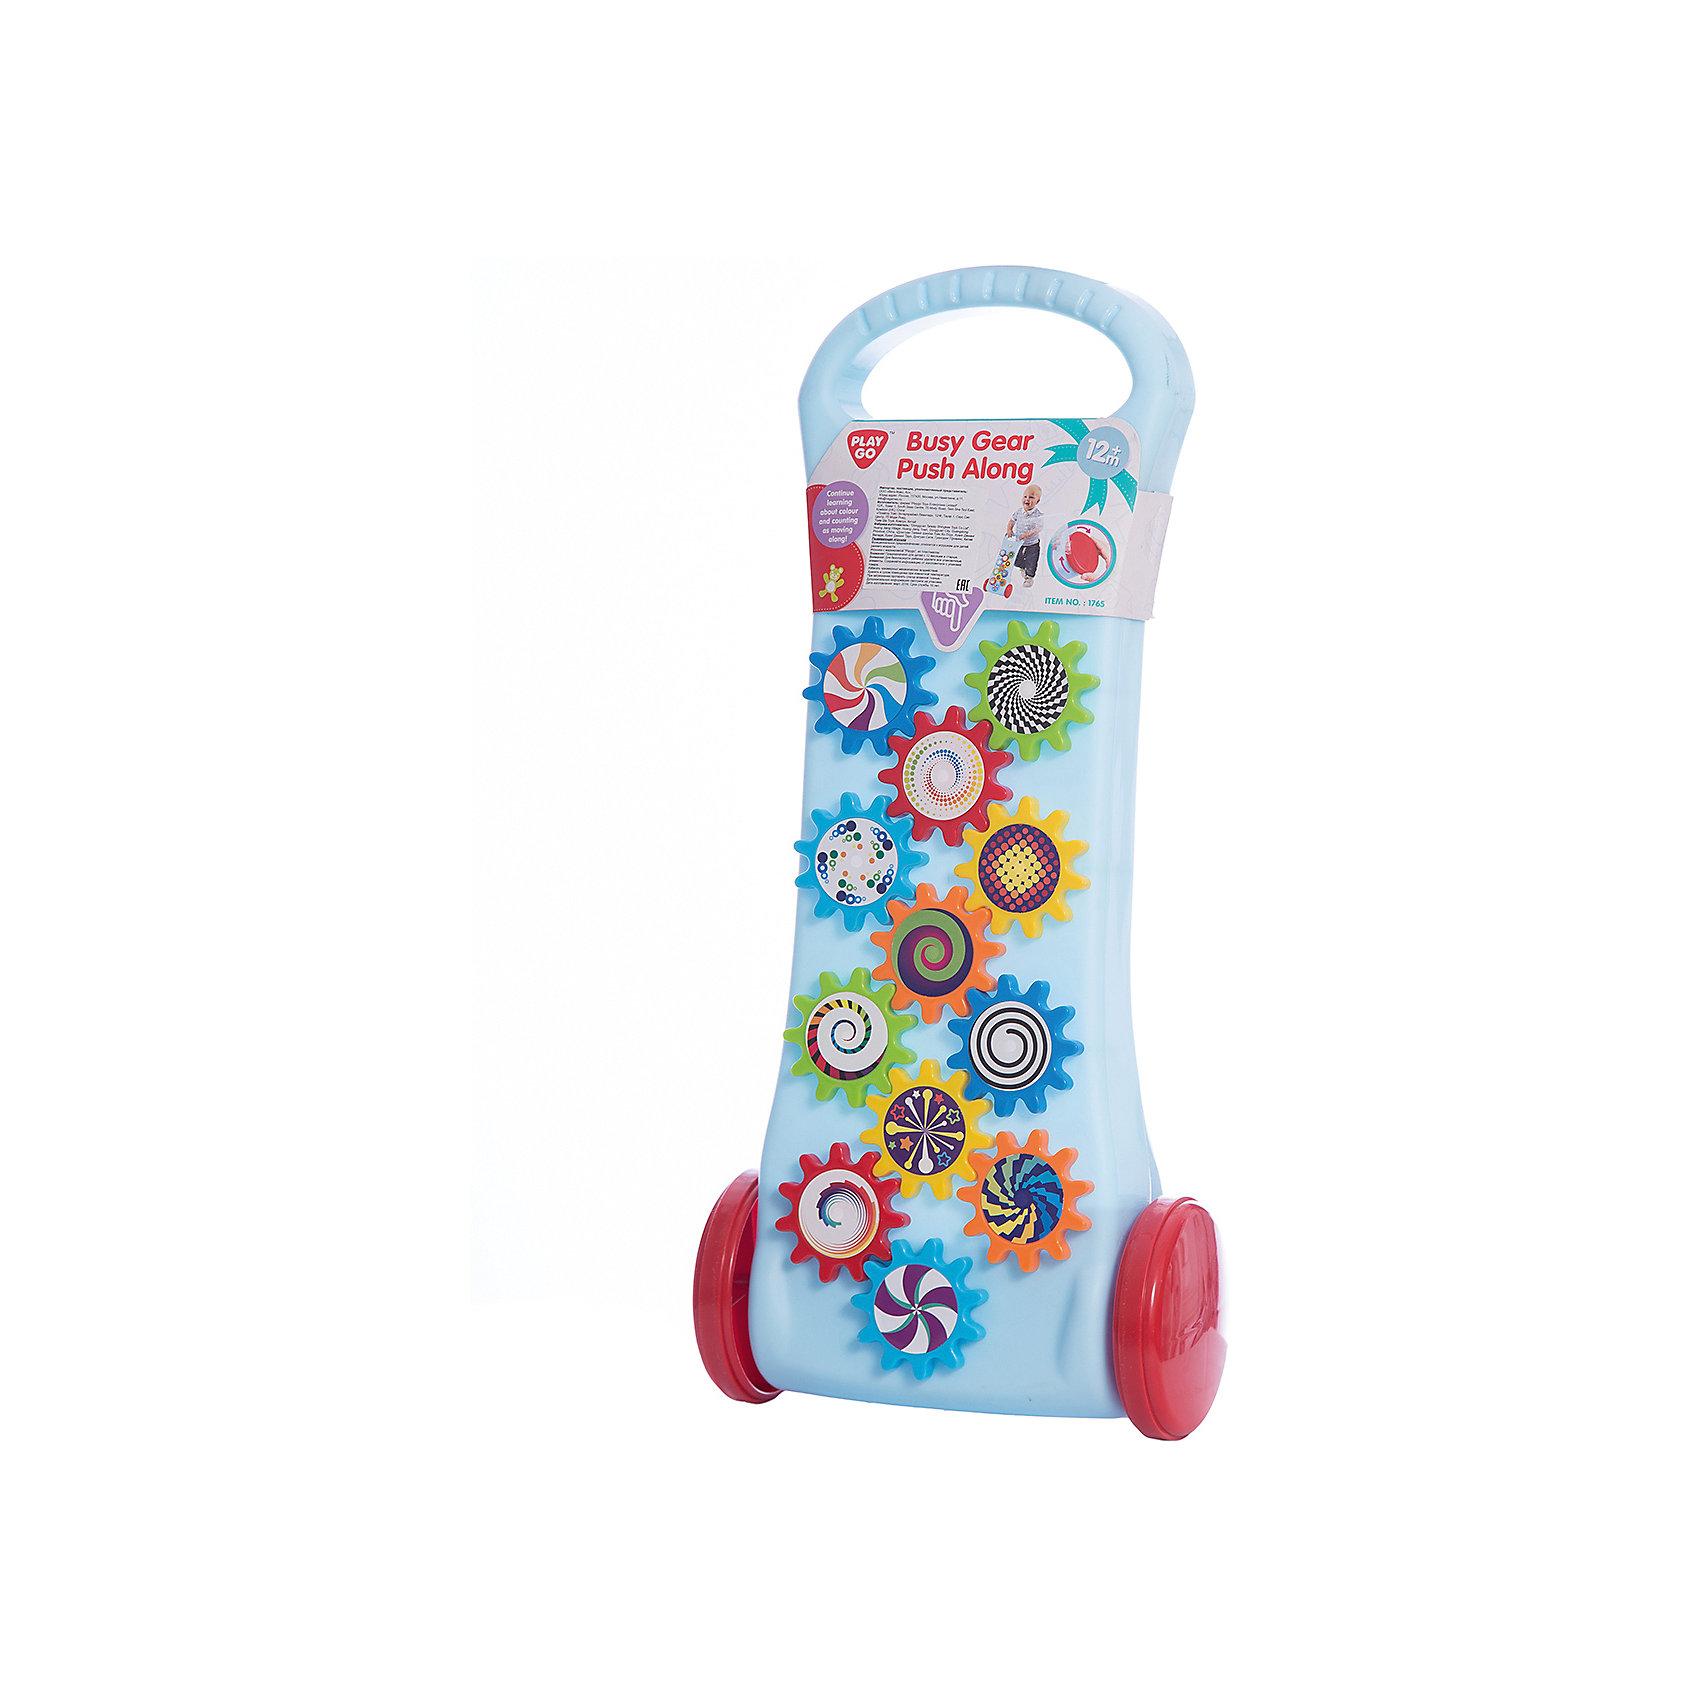 Каталка с шестеренками, PlaygoИгрушки-каталки<br>Каталка с шестеренками, Playgo<br><br>Характеристики:<br>- Материал: пластик<br>- В комплект входит: 1 каталка<br>- Размер: 48 * 24 * 10 см. <br>Яркая каталка с шестеренками от известного китайского бренда развивающих игрушек для детей Playgo (Плейго) станет прекрасным подарком для крохи. Чтобы двенадцать цветных шестеренок задвигались ребенку нужно подвигать каталку. Нежный голубой цвет отлично сочетается с этими цветными детальками и придет по вкусу малышу. Наблюдая за работой шестеренок ребенок сможет развить логическое мышление, а катая игрушку развить координацию движения и крупную моторику. А играть с такой каталкой на улице еще веселее.<br>Каталку с шестеренками, Playgo (Плейго) можно купить в нашем интернет-магазине.<br>Подробнее:<br>• Для детей в возрасте: от 9 месяцев до 3 лет <br>• Номер товара: 5054064<br>Страна производитель: Китай<br><br>Ширина мм: 460<br>Глубина мм: 120<br>Высота мм: 230<br>Вес г: 590<br>Возраст от месяцев: 12<br>Возраст до месяцев: 36<br>Пол: Унисекс<br>Возраст: Детский<br>SKU: 5054064